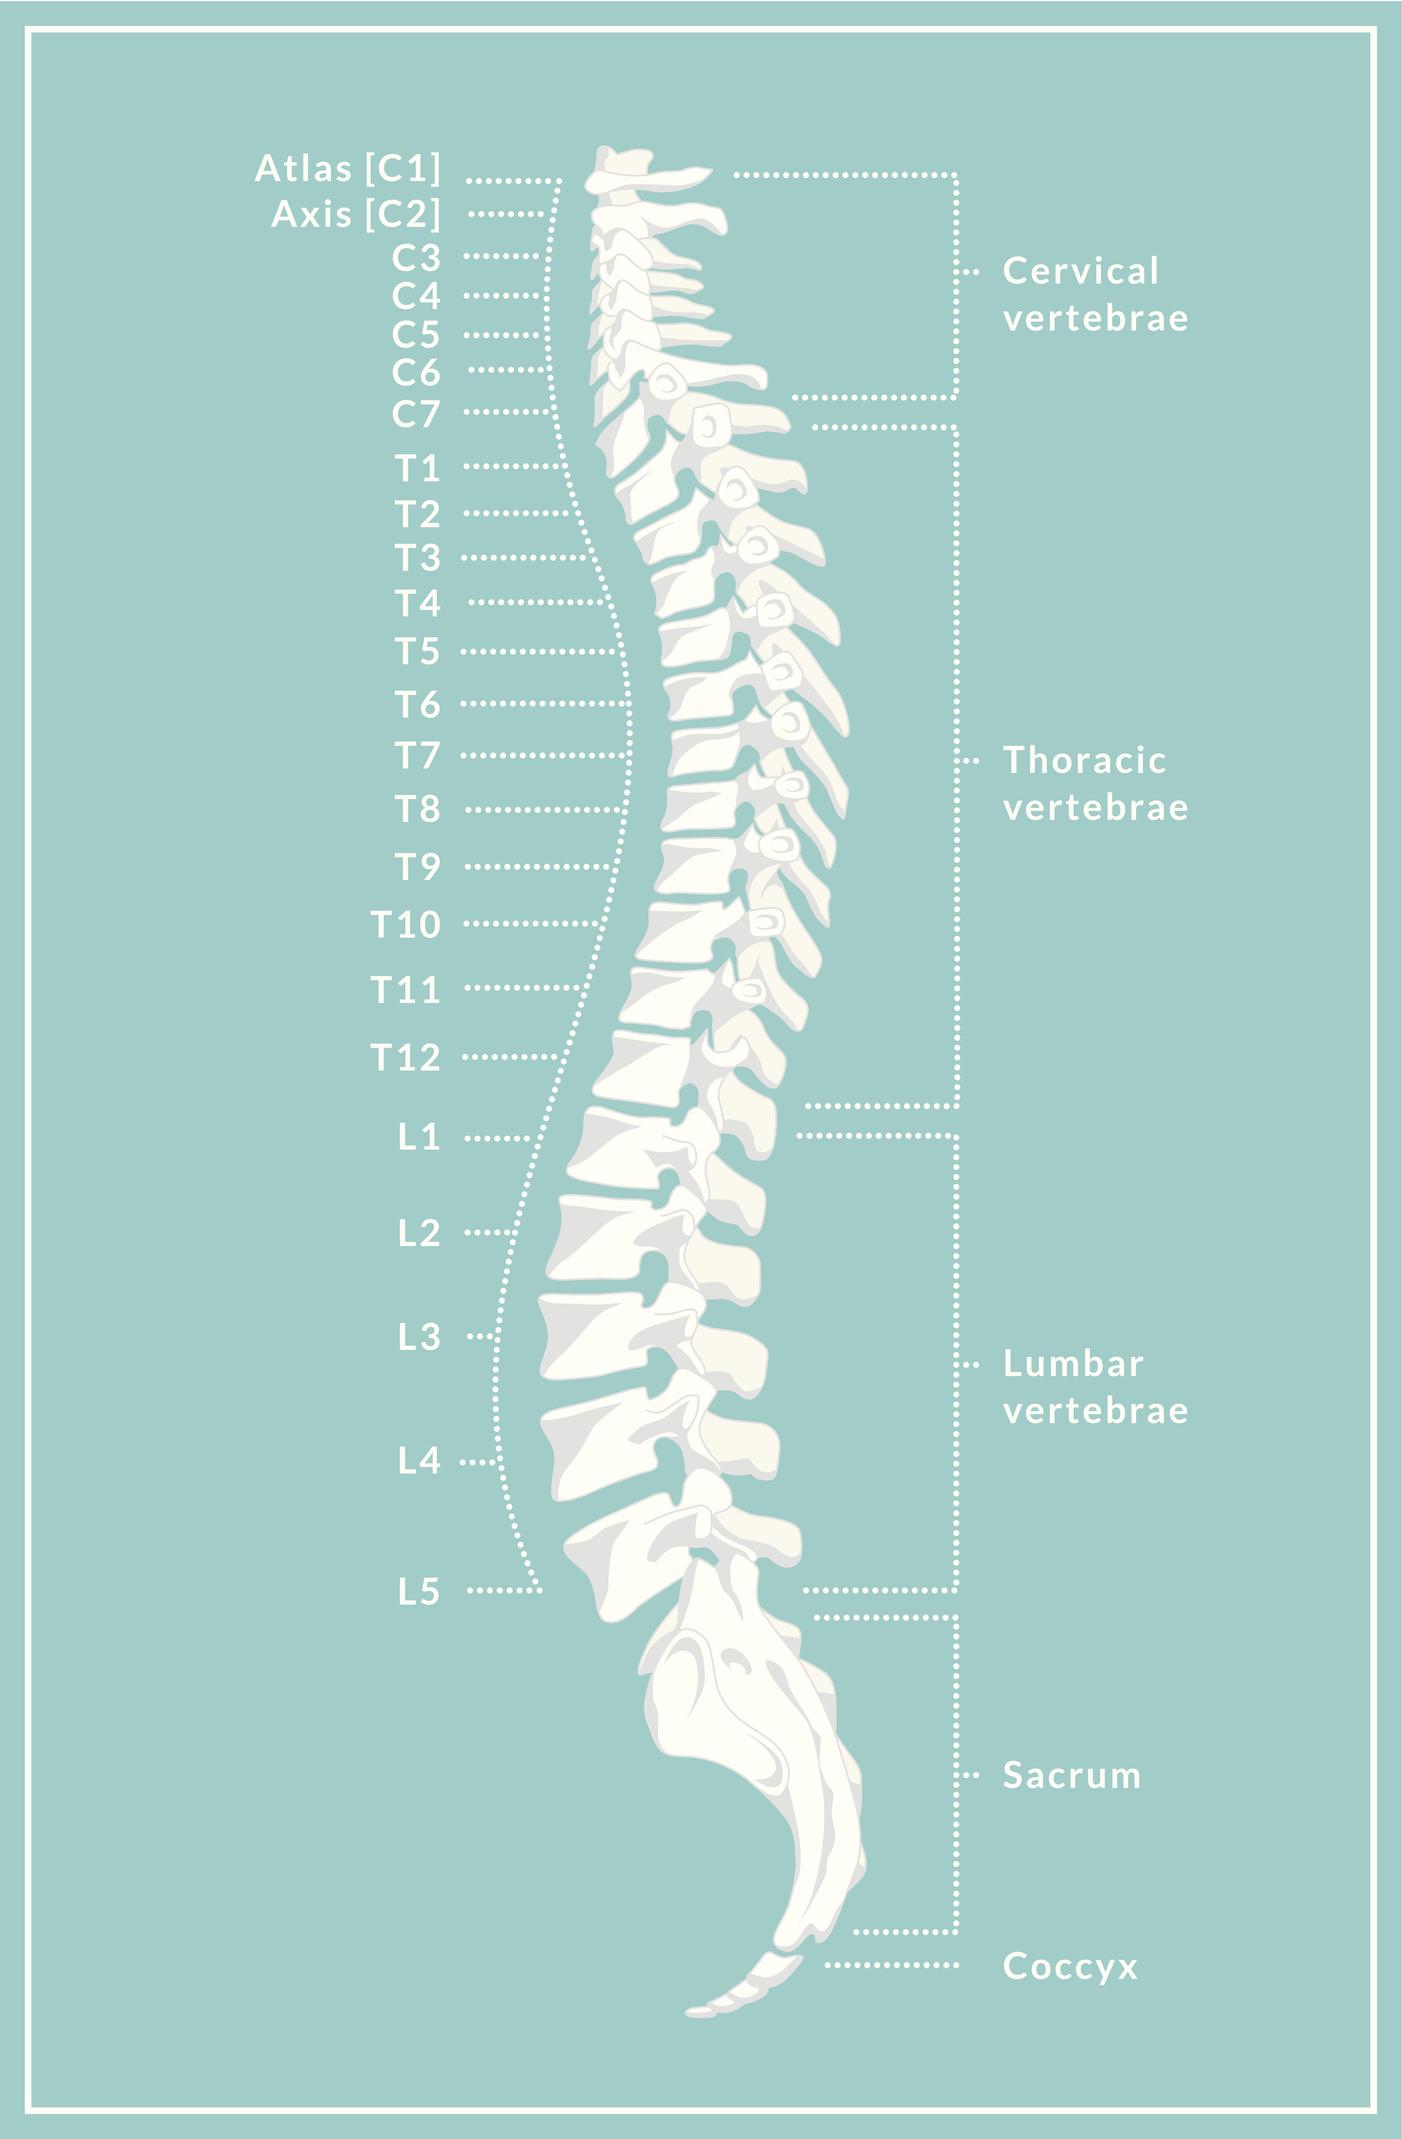 Spine Diagram shown to Arlington TX patient